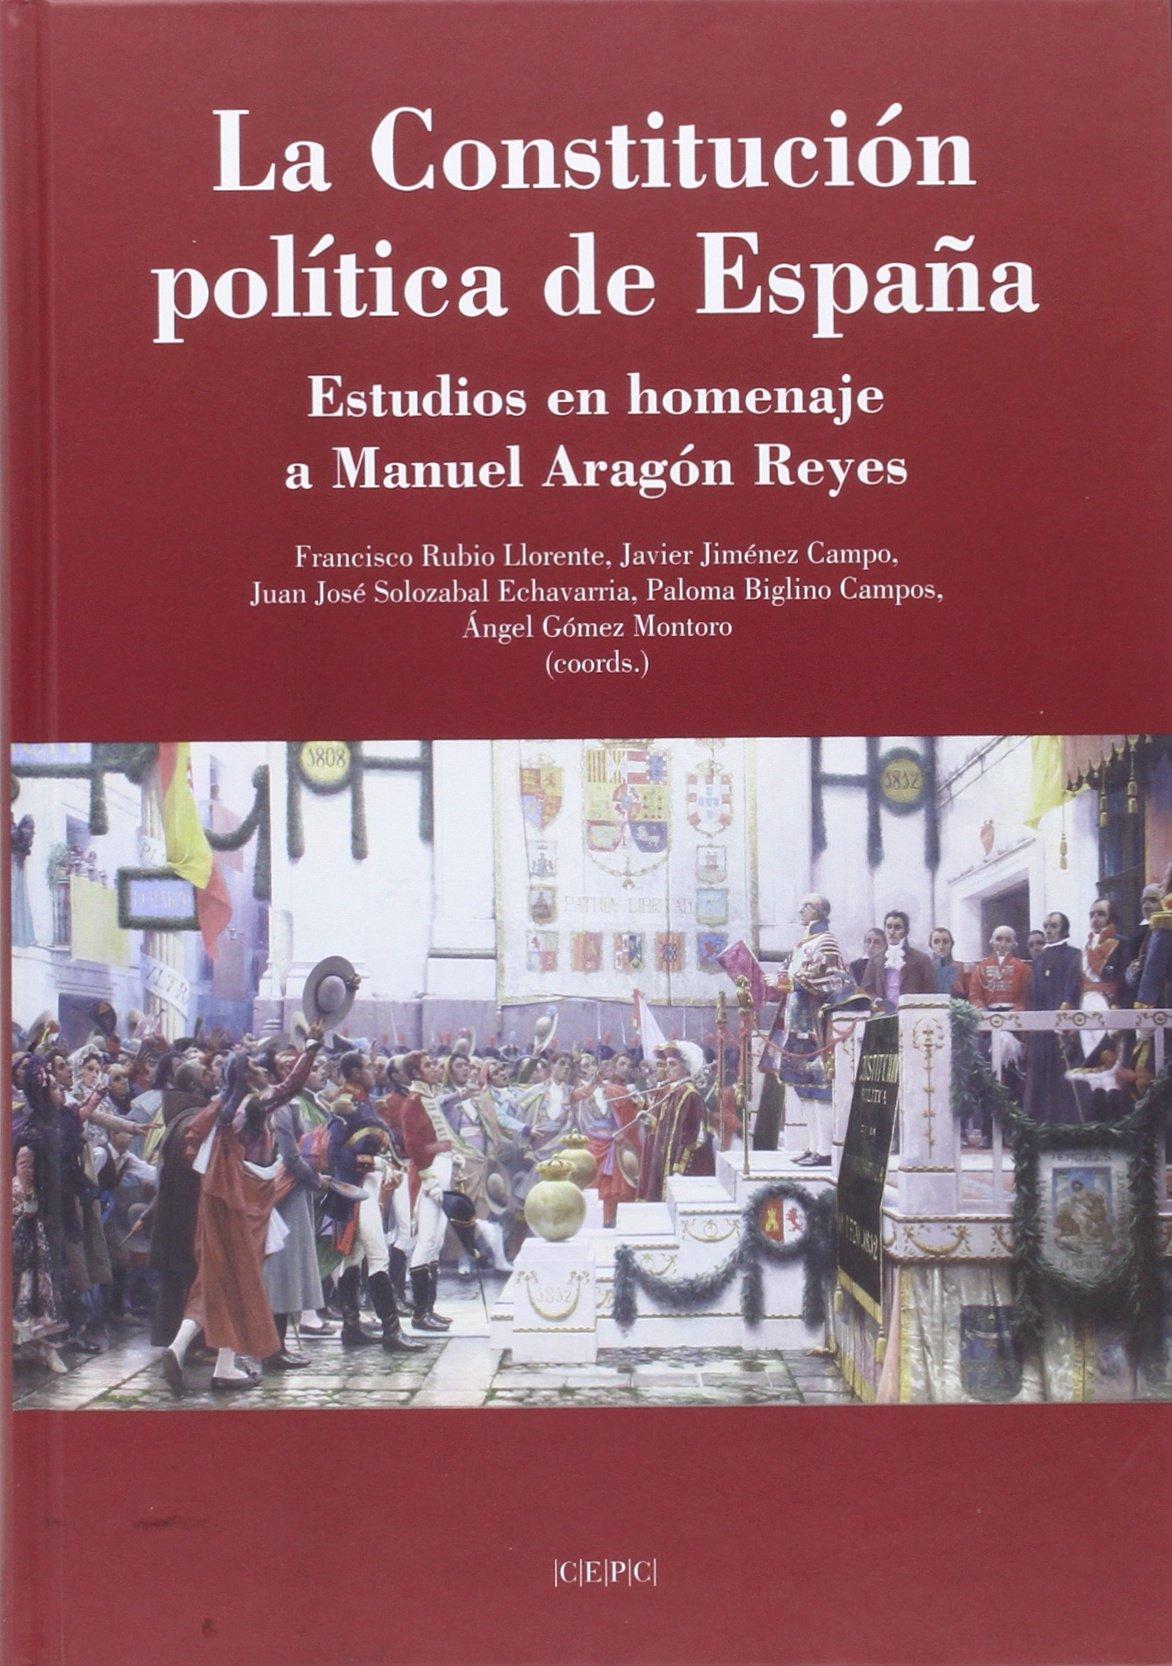 La Constitución Política de España: Estudios en homenaje a Manuel Aragón Reyes Documentos: Amazon.es: Juan José Solozábal Echavarría: Libros